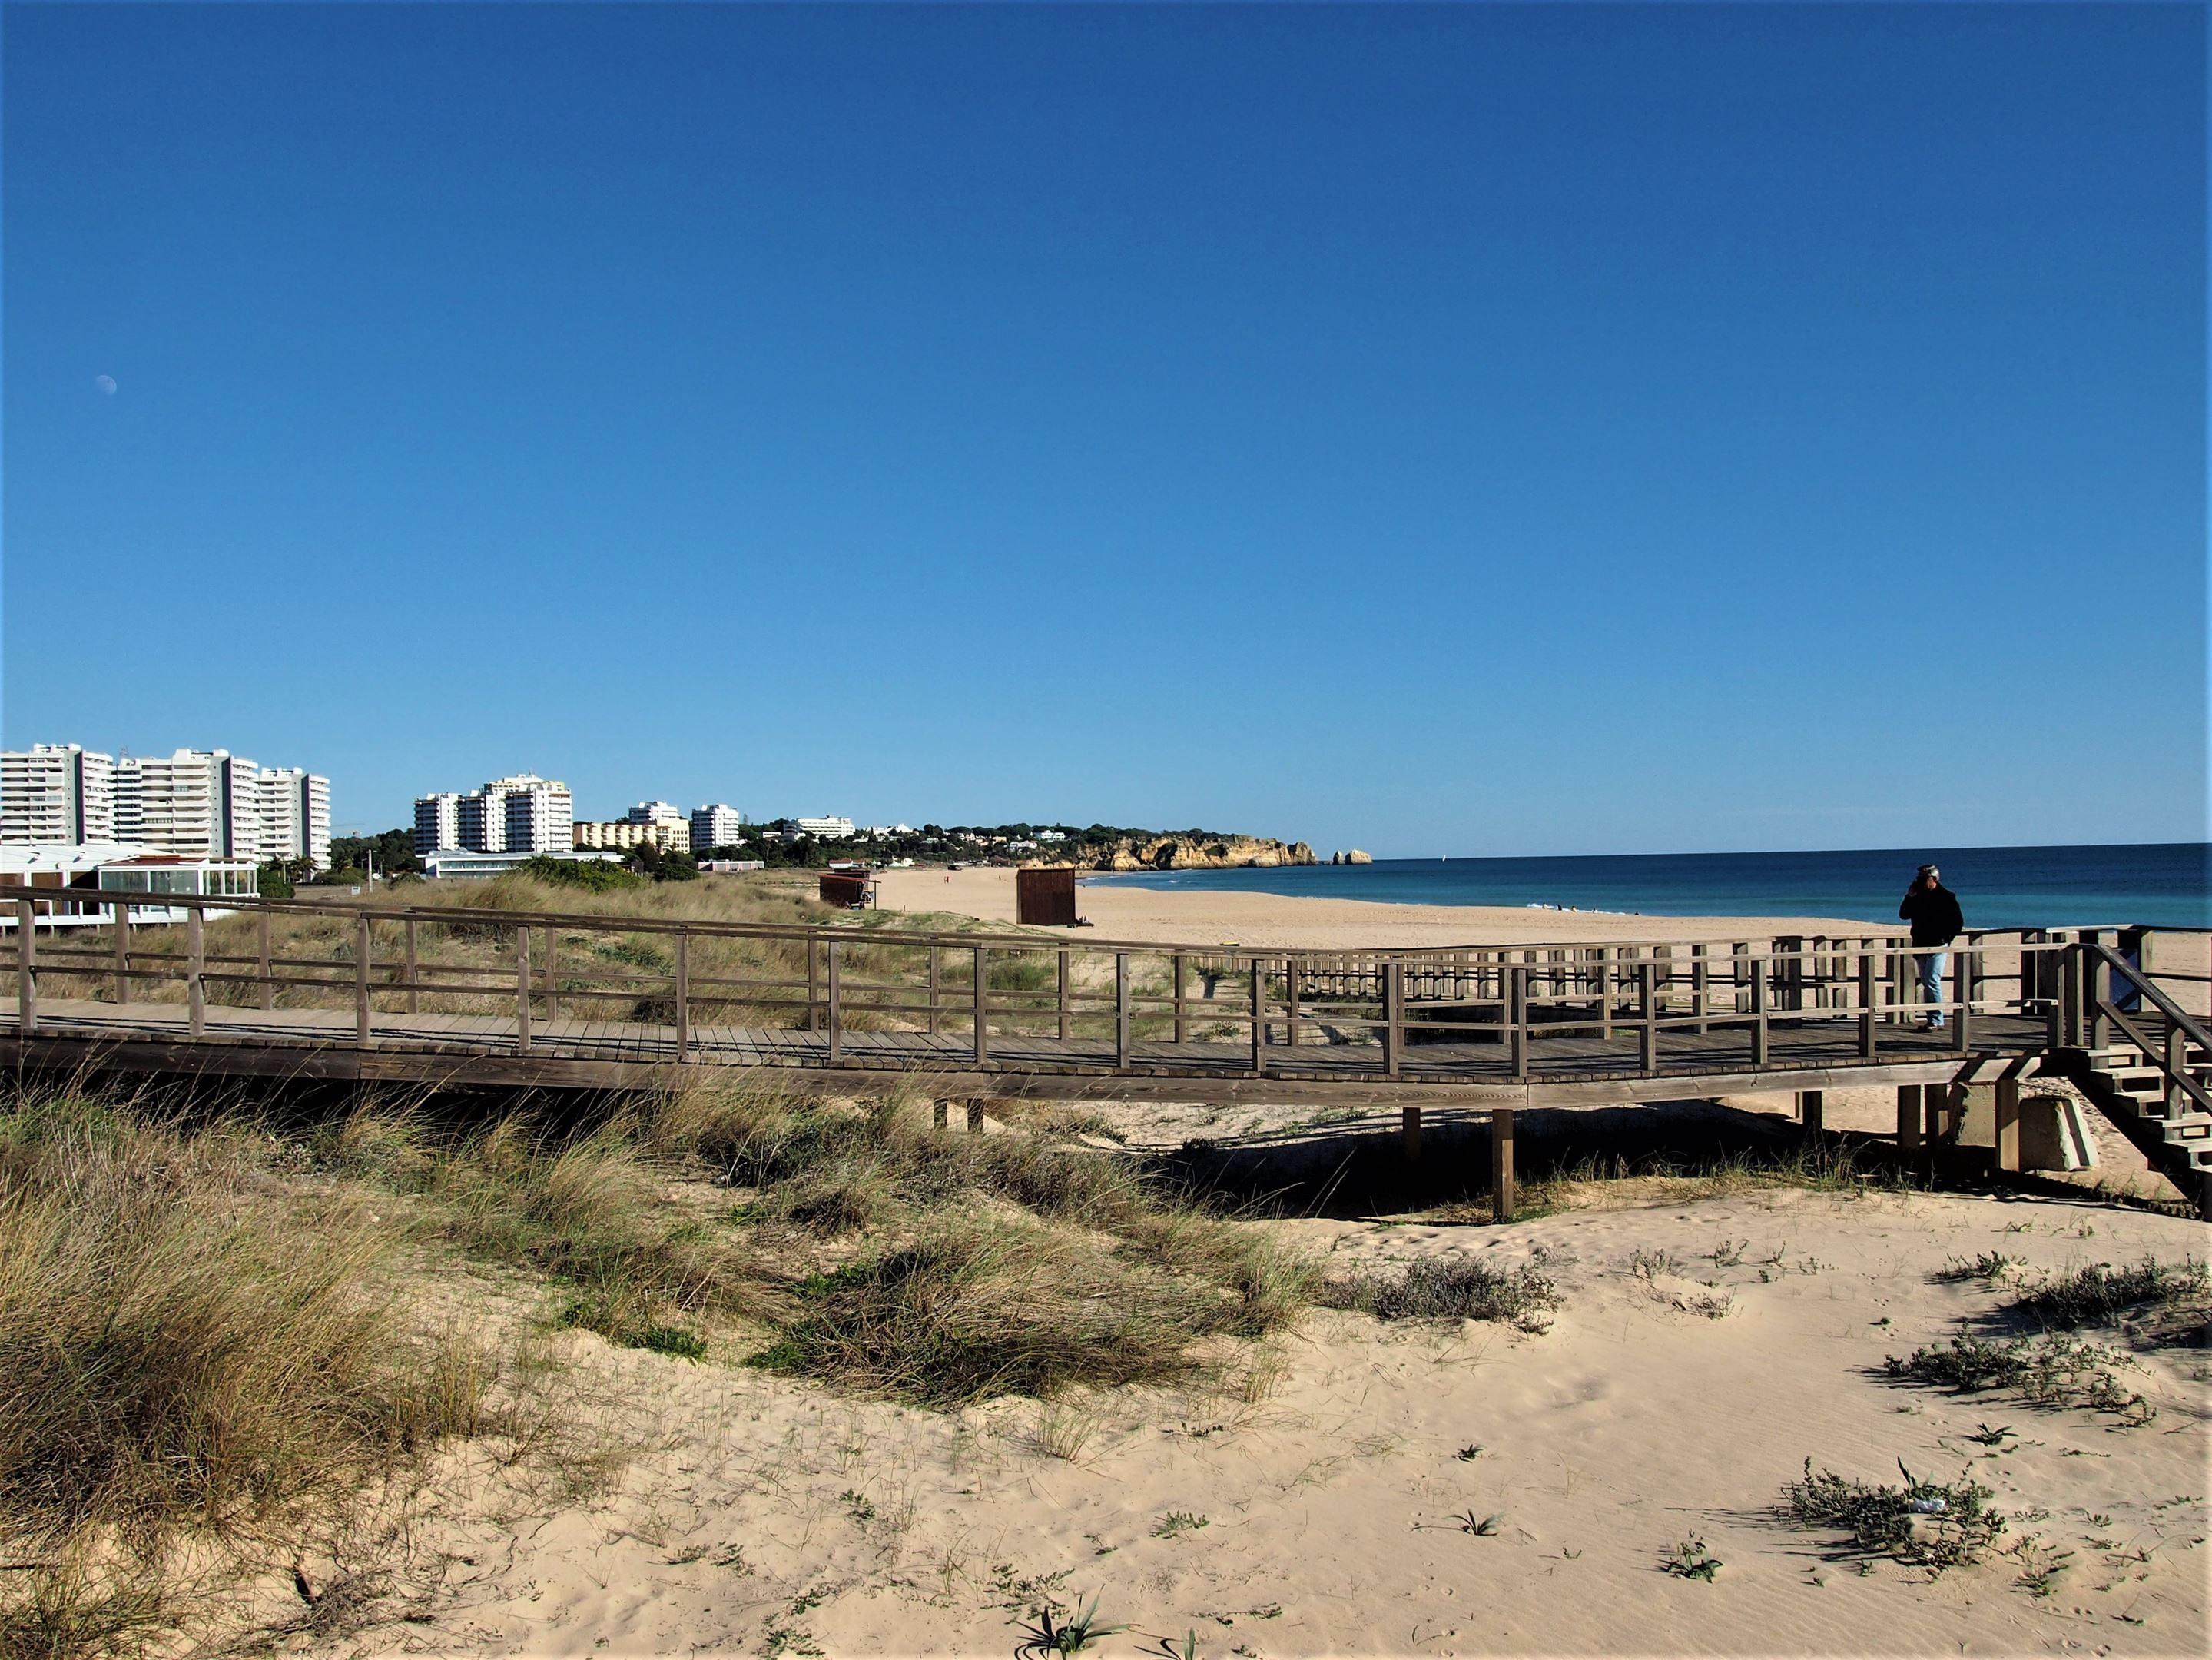 Praia de Alvor looking east towards Portimão